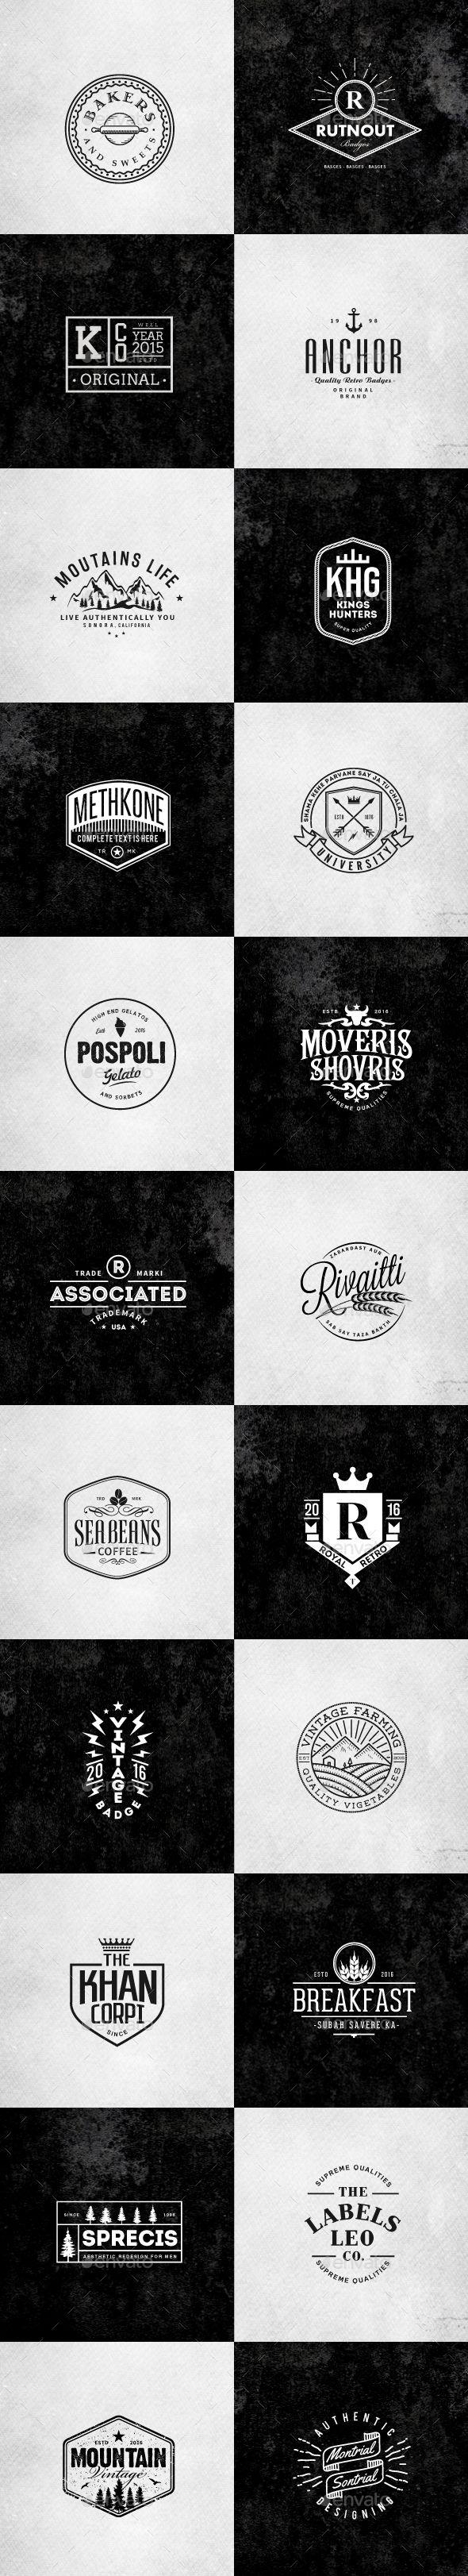 Retro Vintage Minimal Logos Vol.02   Minimal logo, Ai illustrator ...